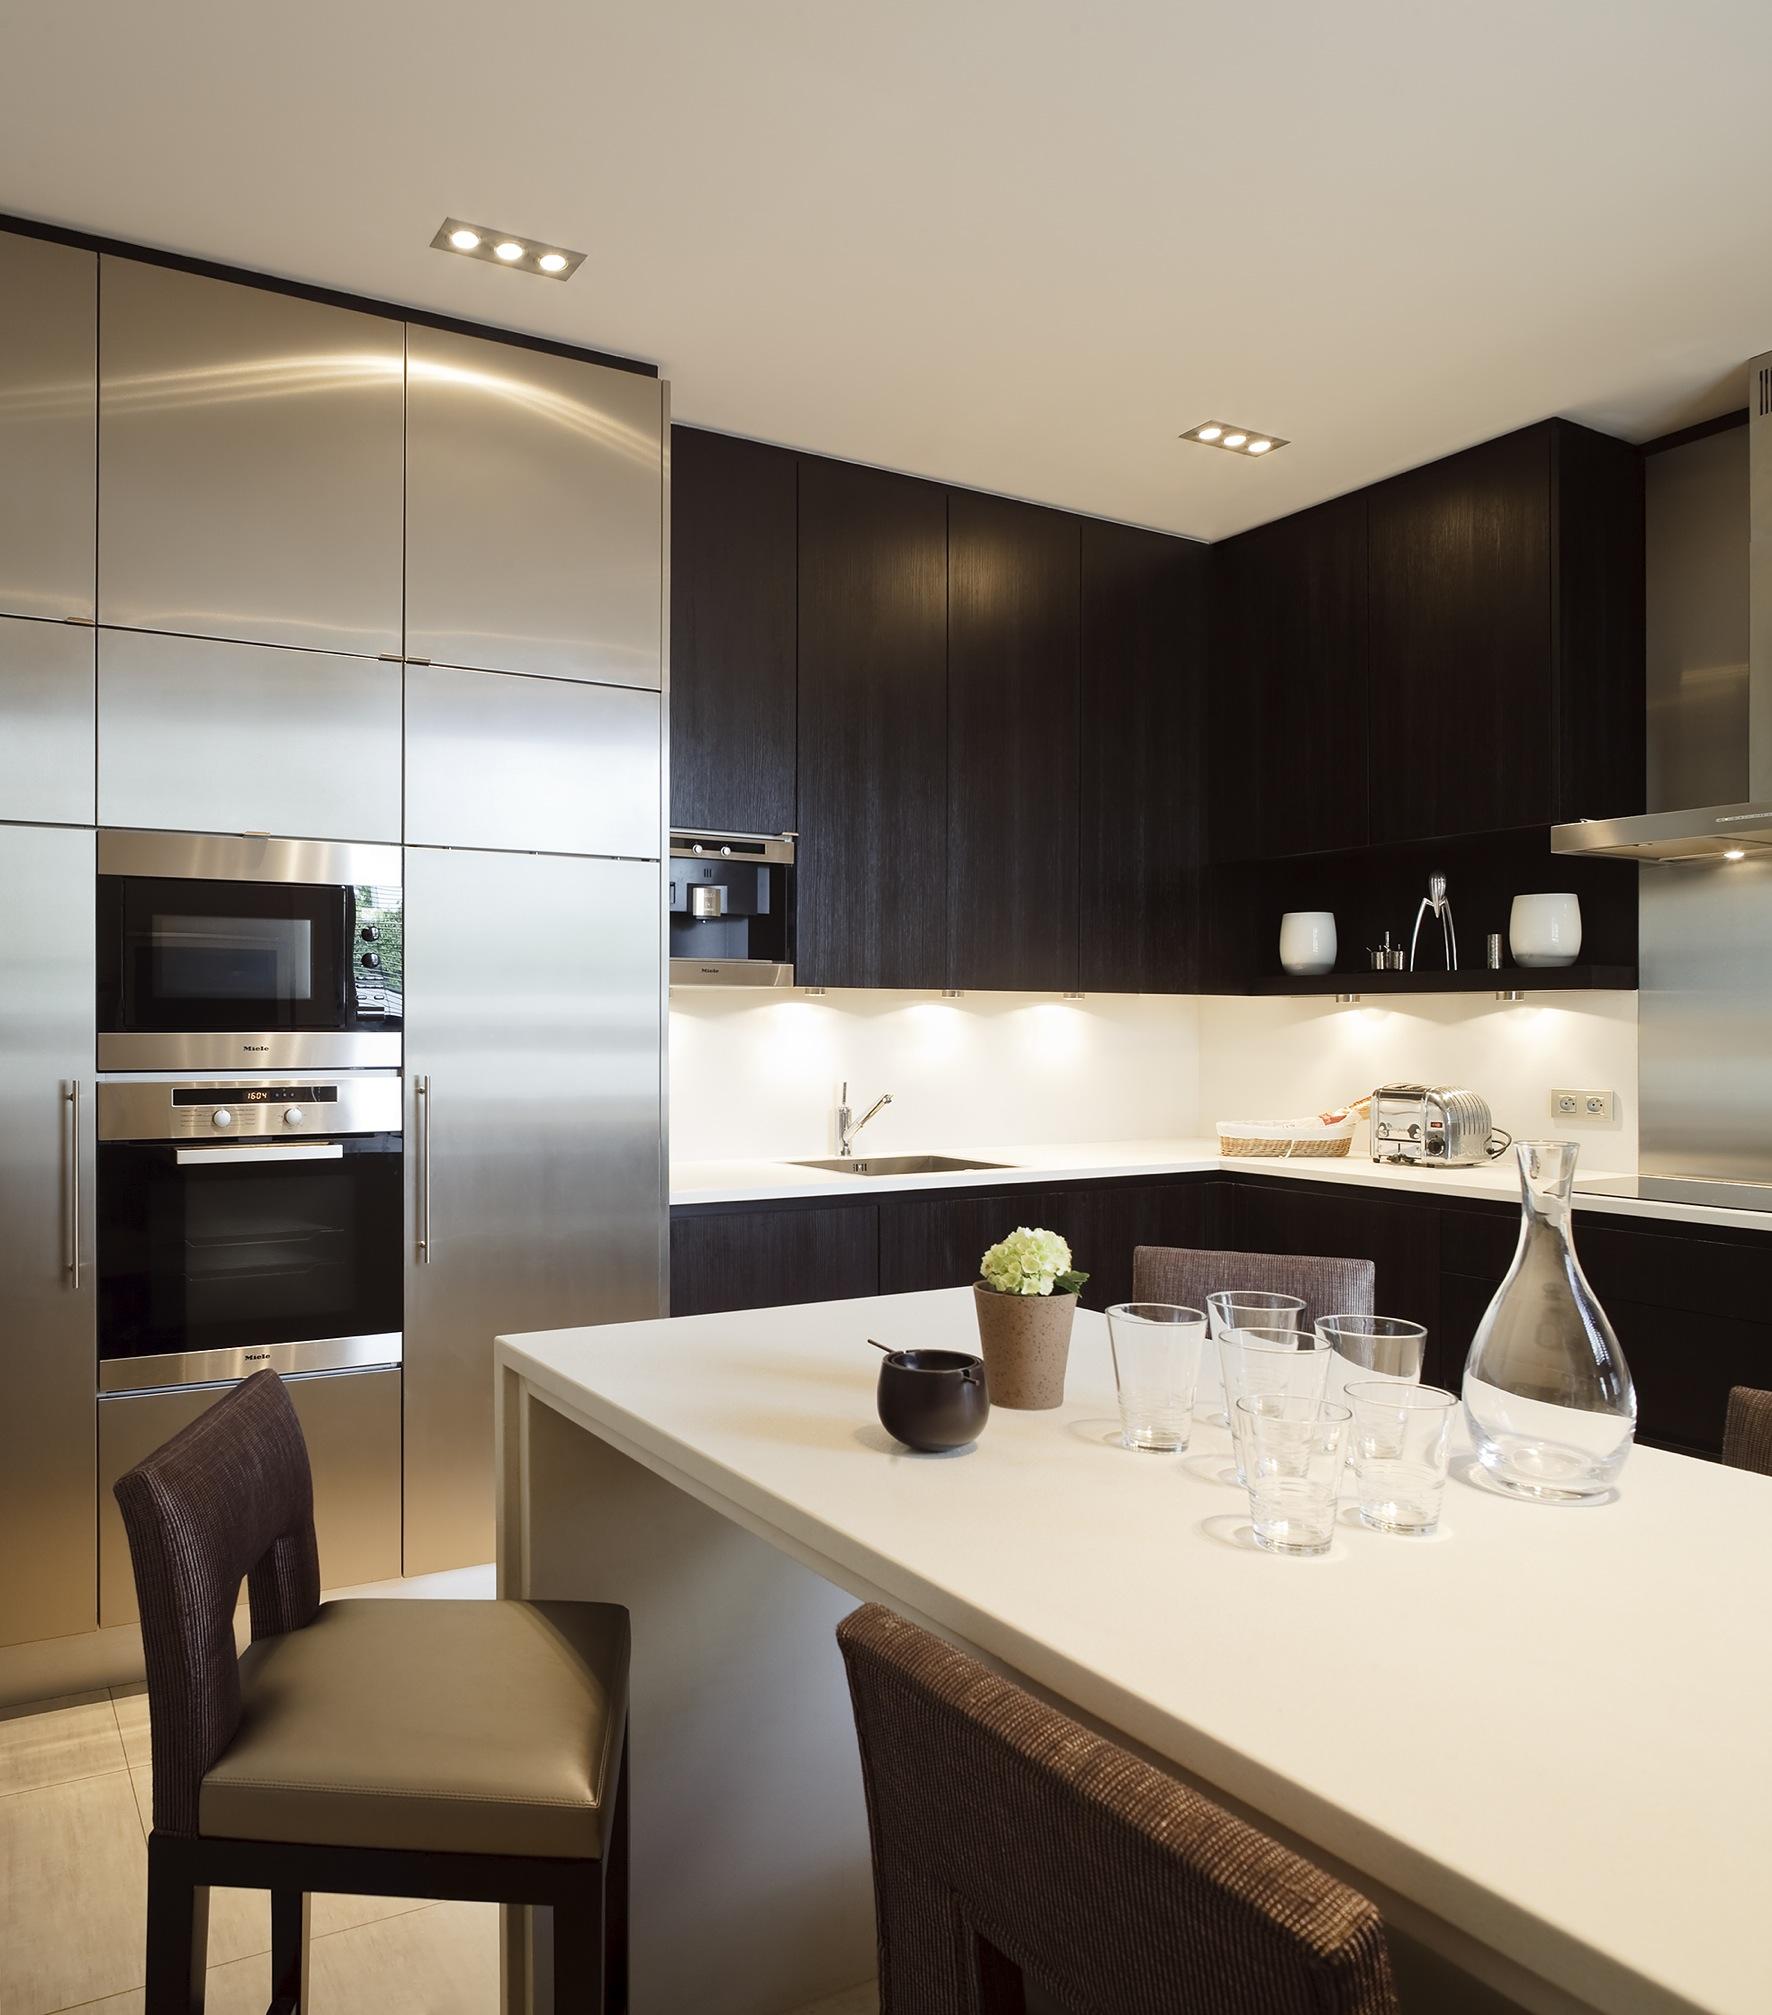 Cuisine. Création de l'agence d'architecture d'intérieur Olivier Berni Intérieurs.